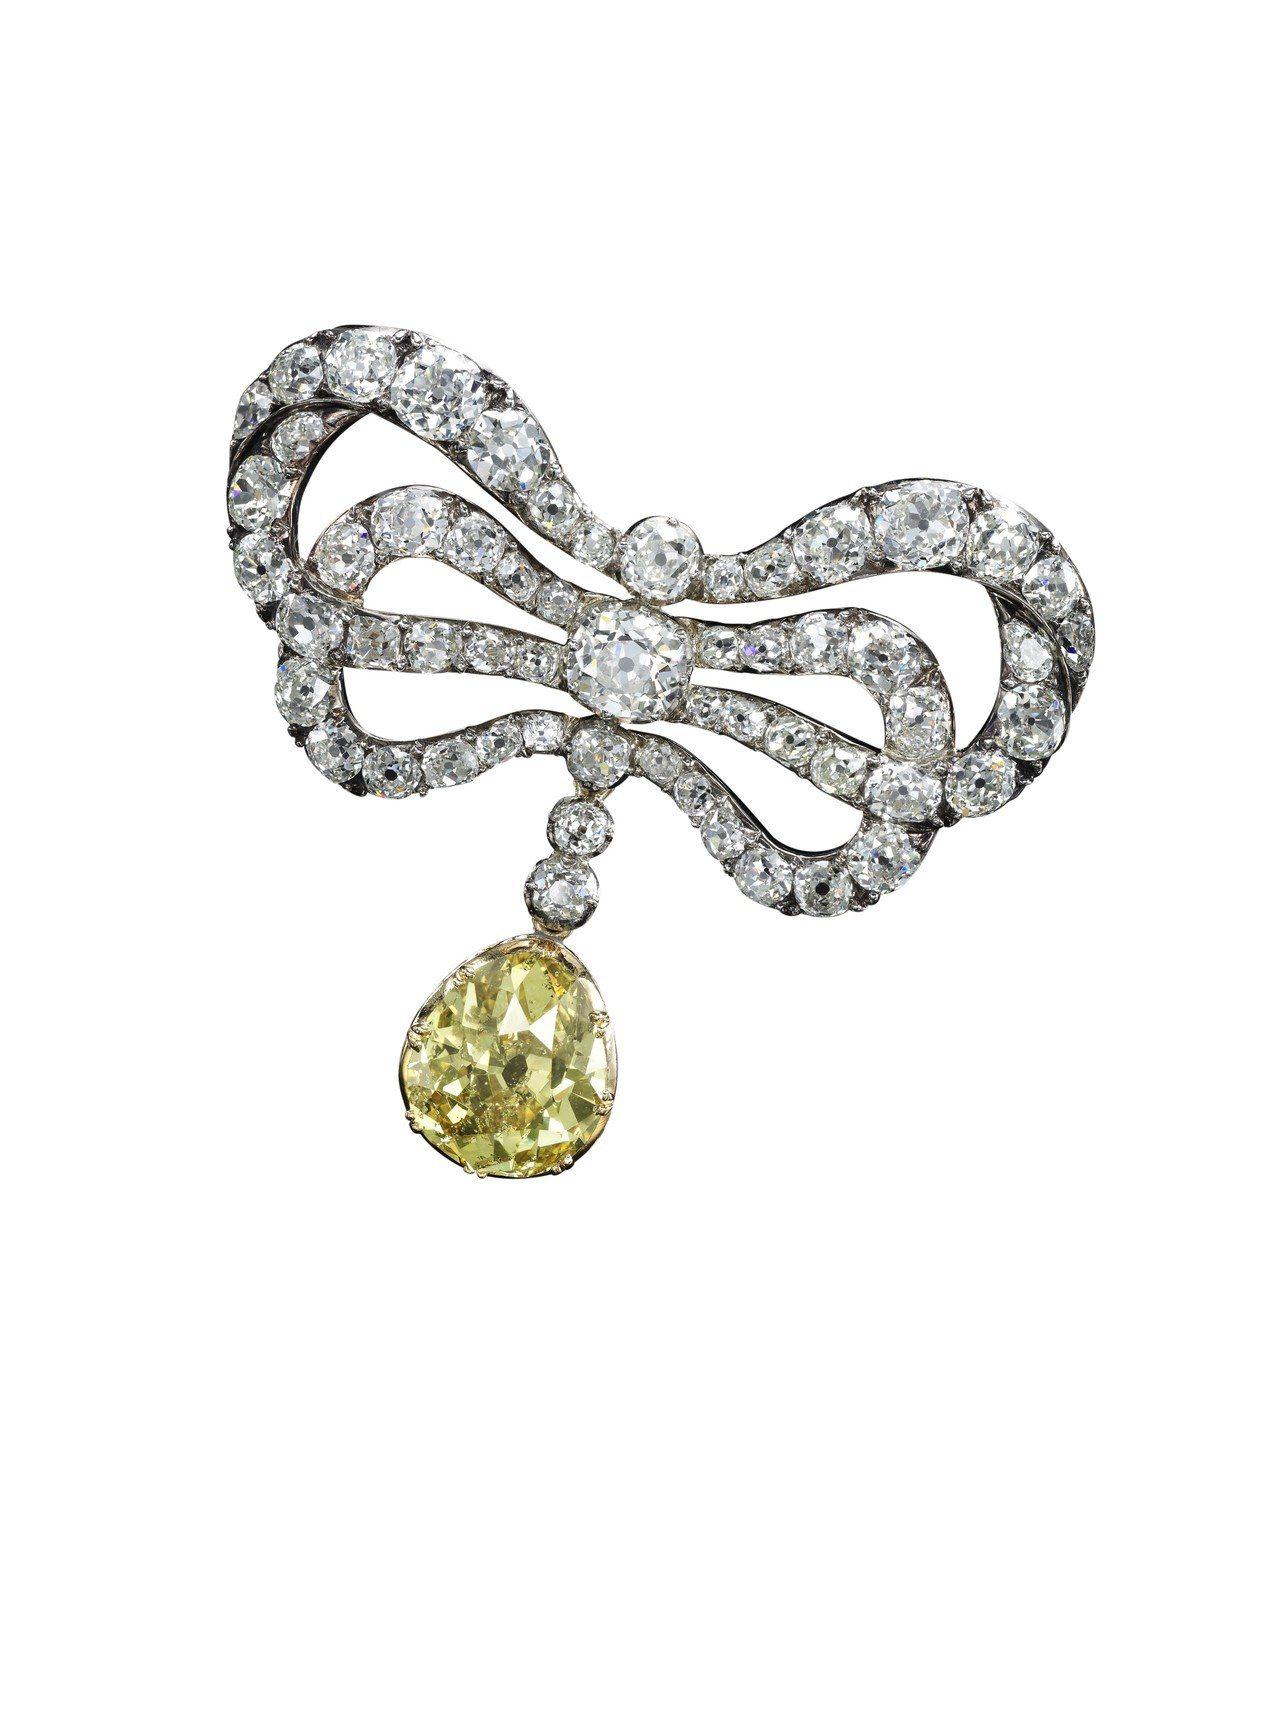 18 世紀末鑽石別針,雙蝴蝶結部分為瑪麗安東妮的舊藏,黃鑽吊墜是後人加飾,估價約...